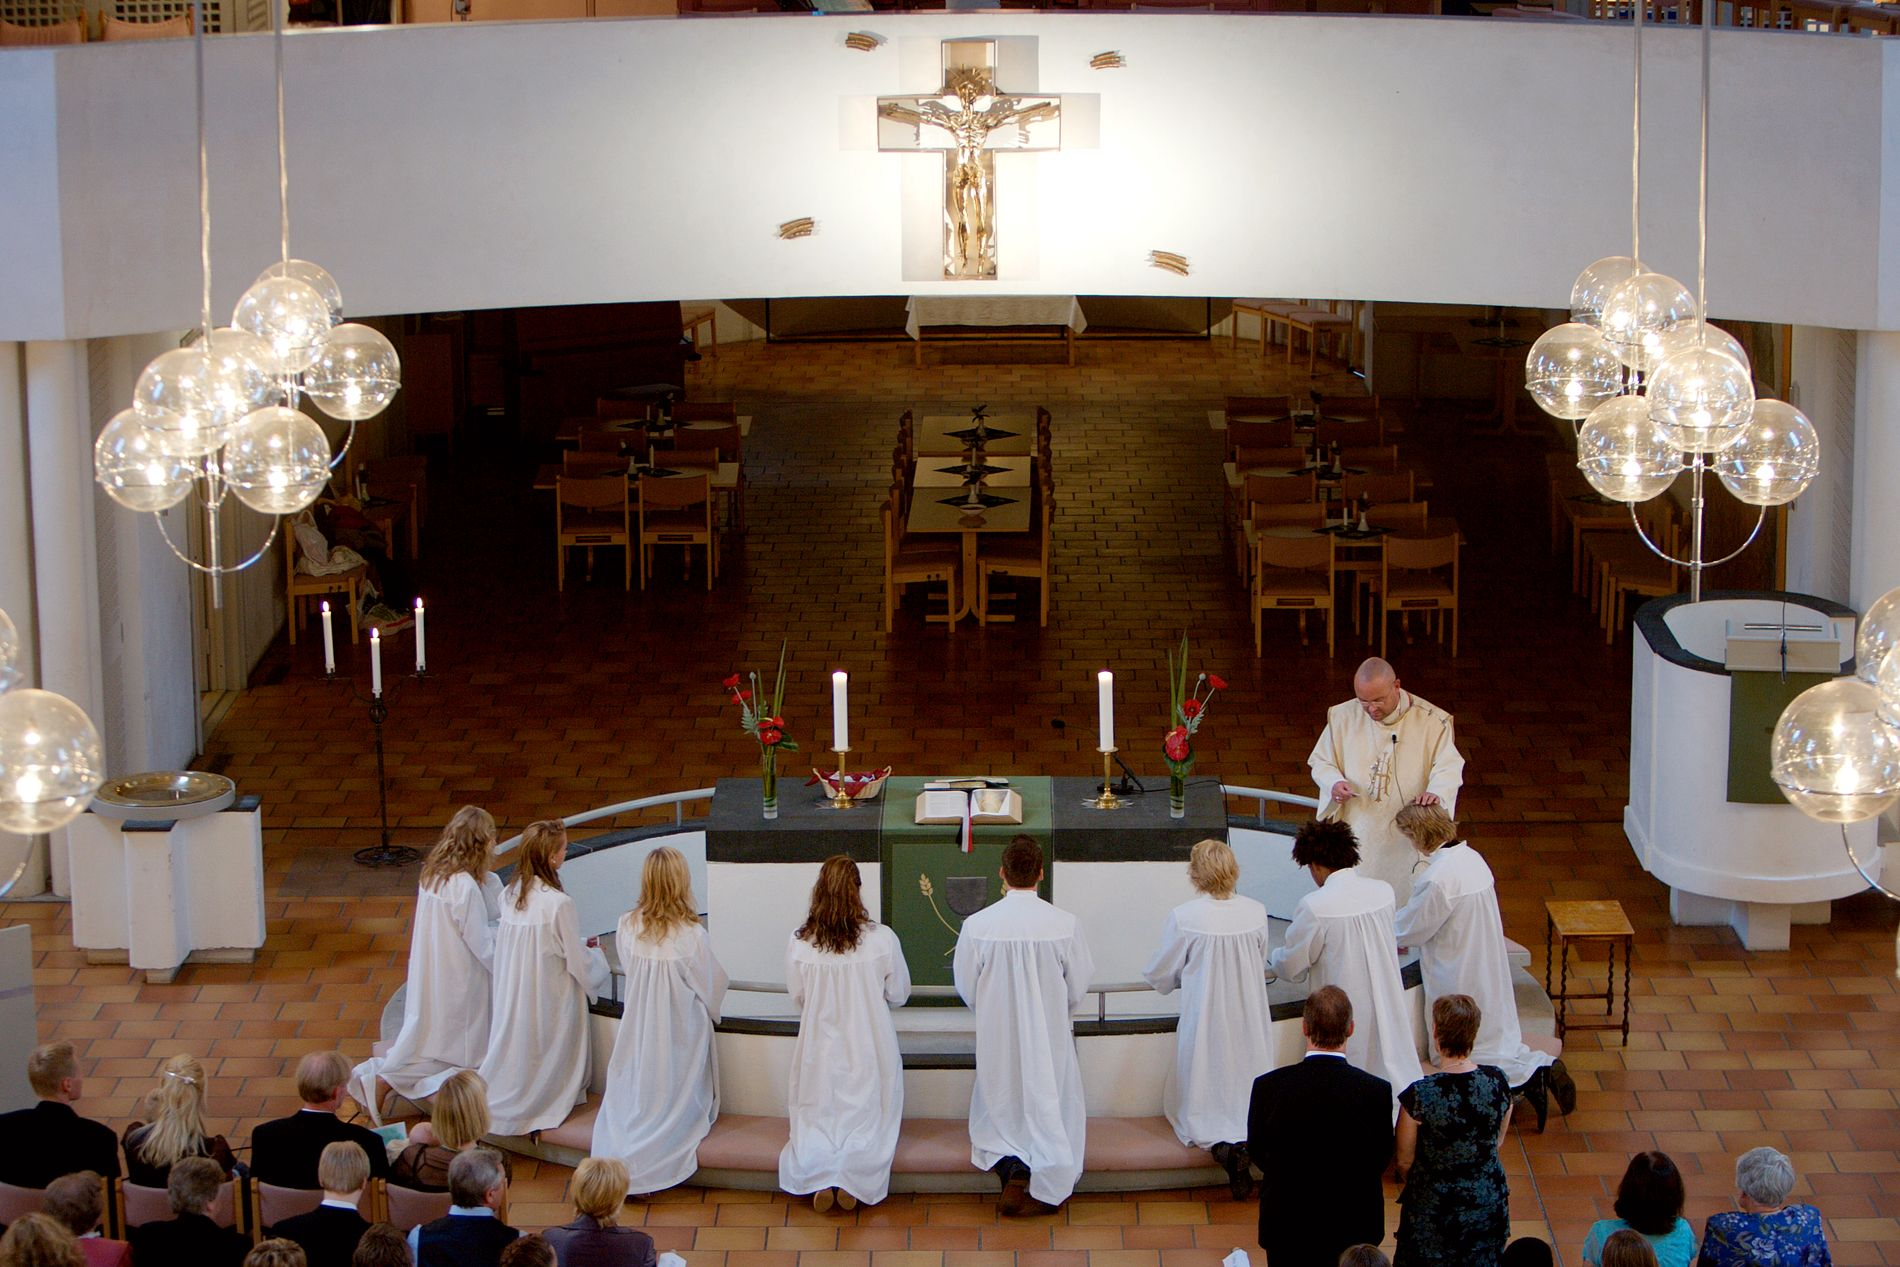 HØGE TAL: Sanninga er at konfirmanttala for Bjørgvin bispedøme heldt seg svært høge. Det er vi sjølvsagt glade for, skriv biskop Halvor Nordhaug.